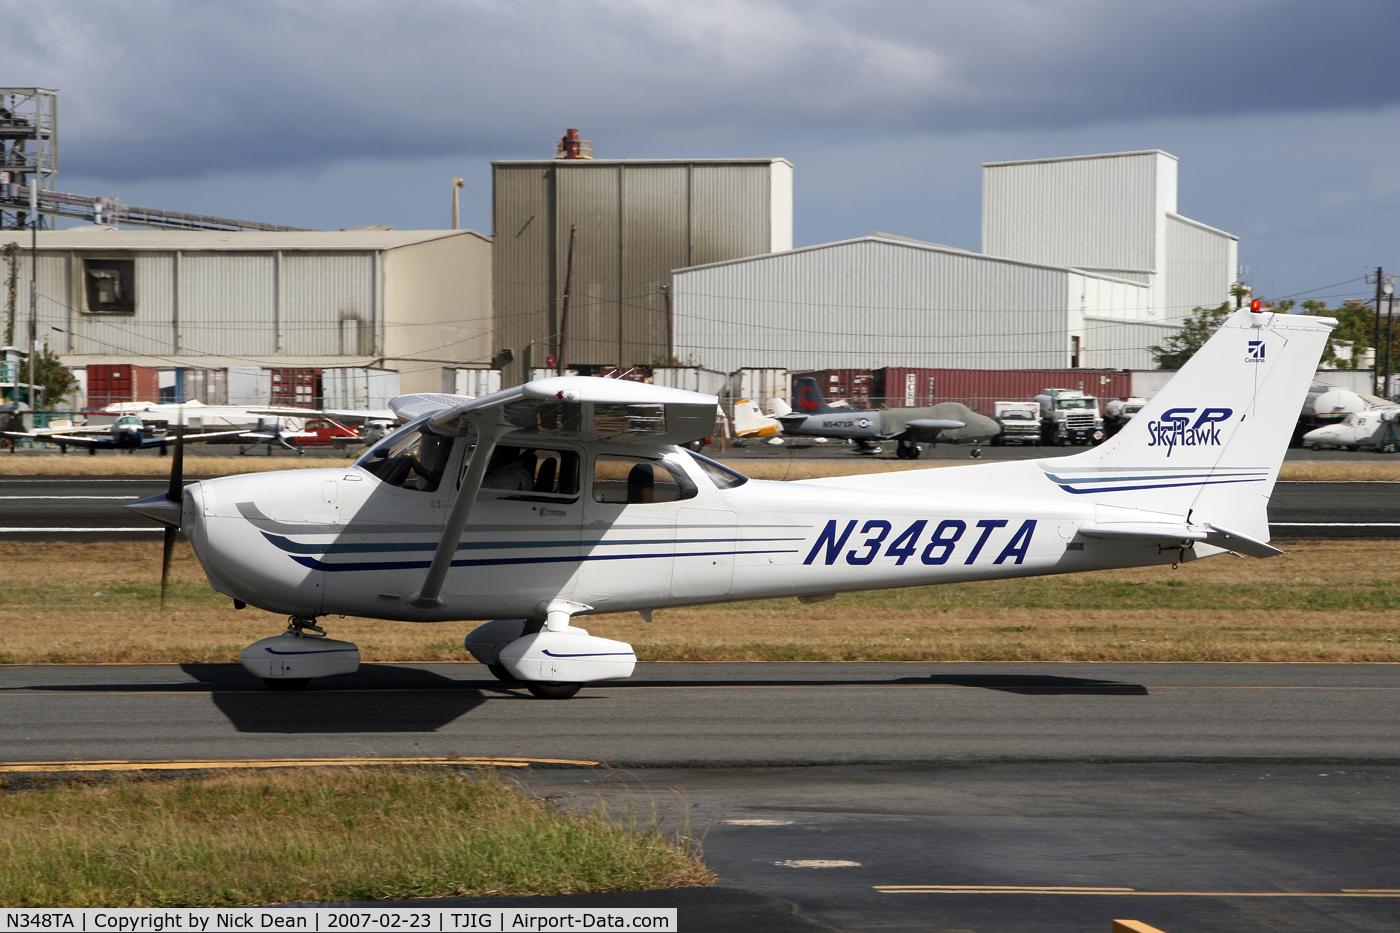 N348TA, 2003 Cessna 172S Skyhawk C/N 172S9348, /